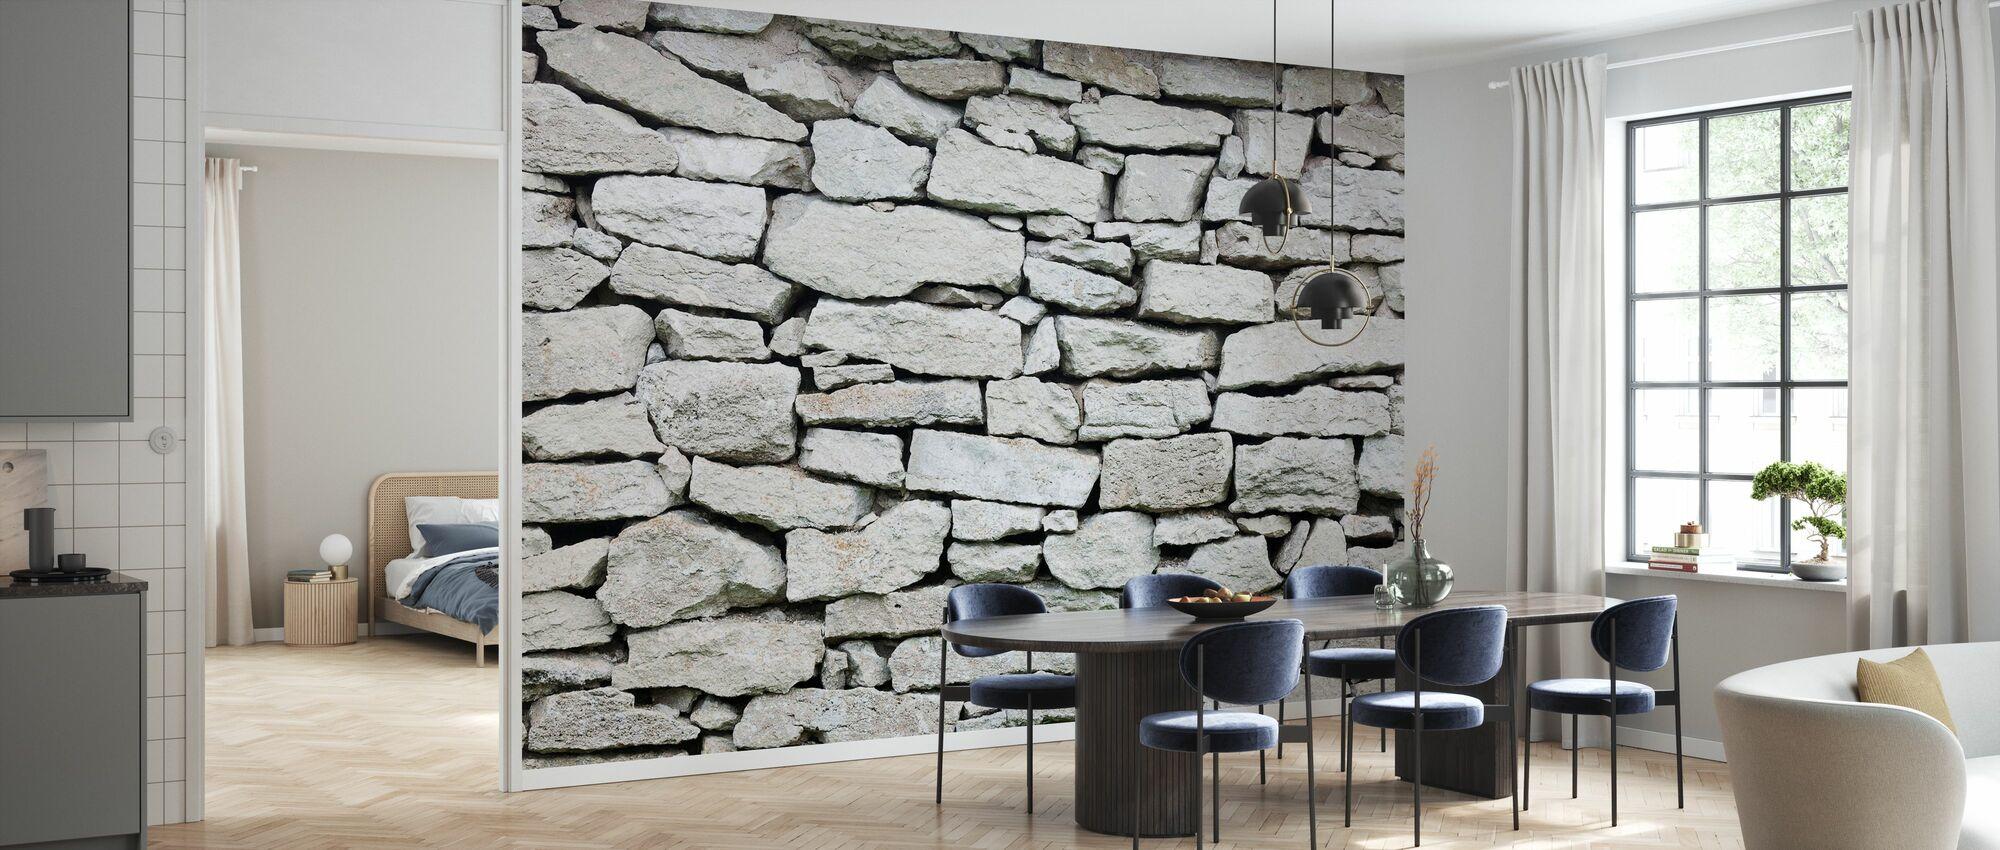 Graue Steinmauer - Tapete - Küchen